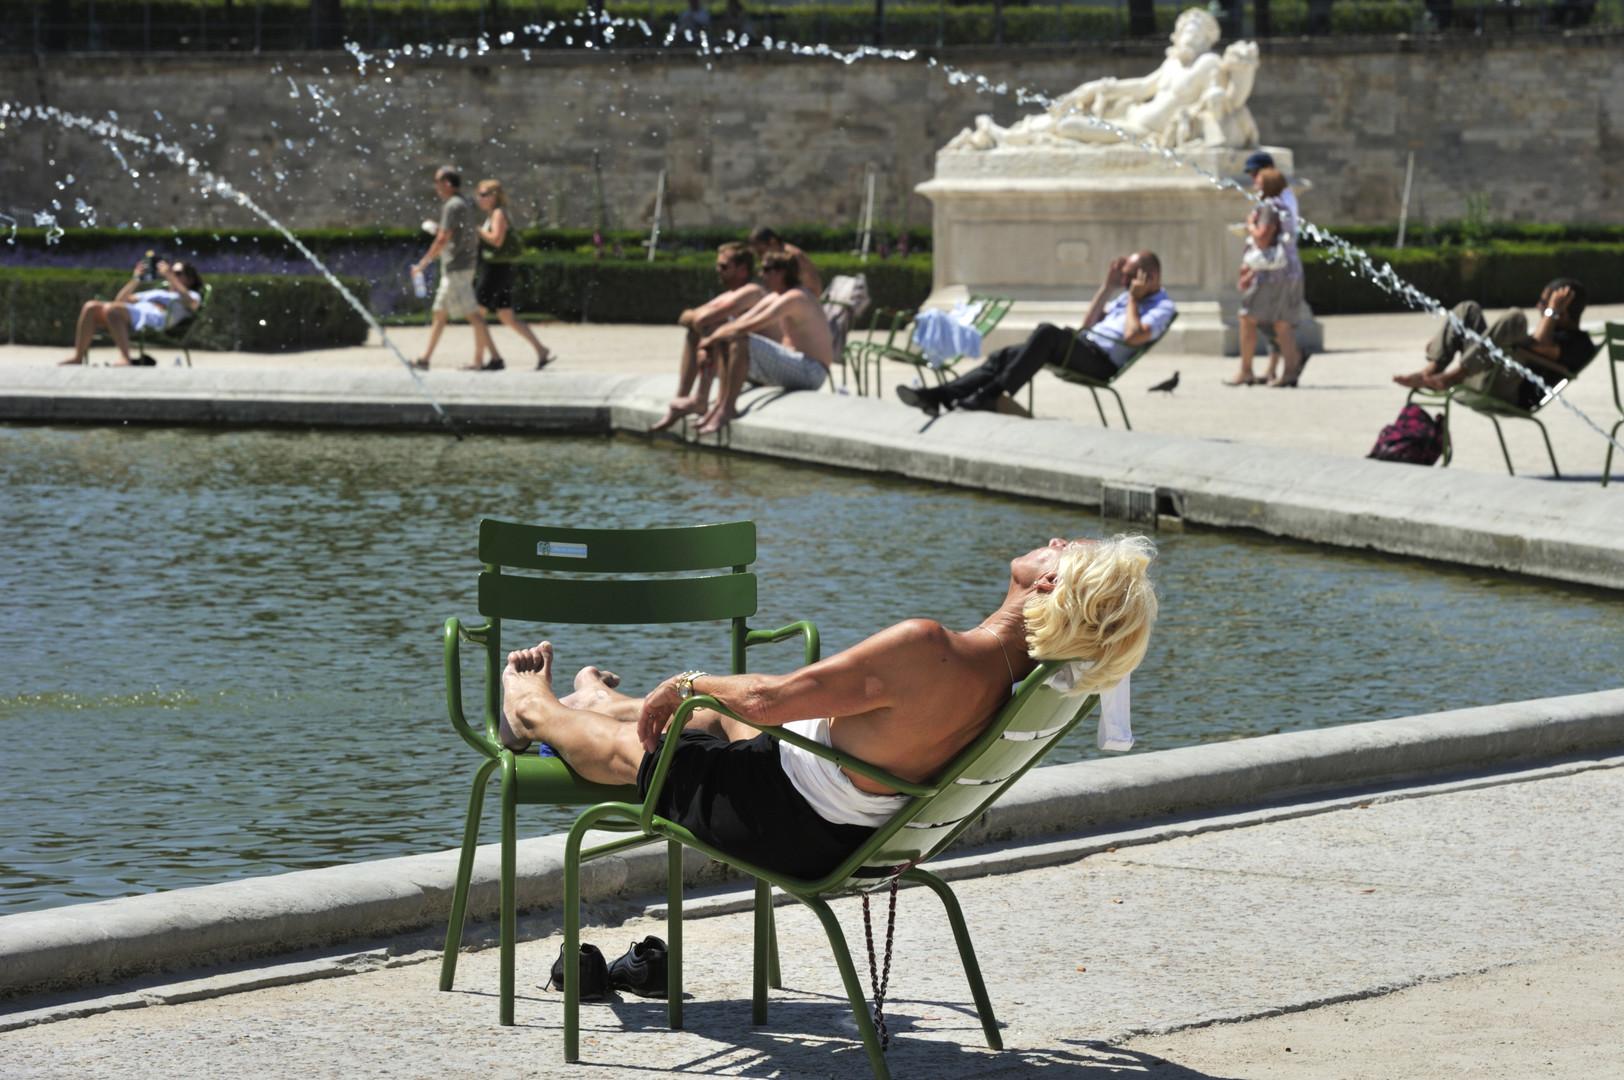 لأول مرة في تاريخ تدوينها.. درجة الحرارة تتجاوز الـ45 في فرنسا!